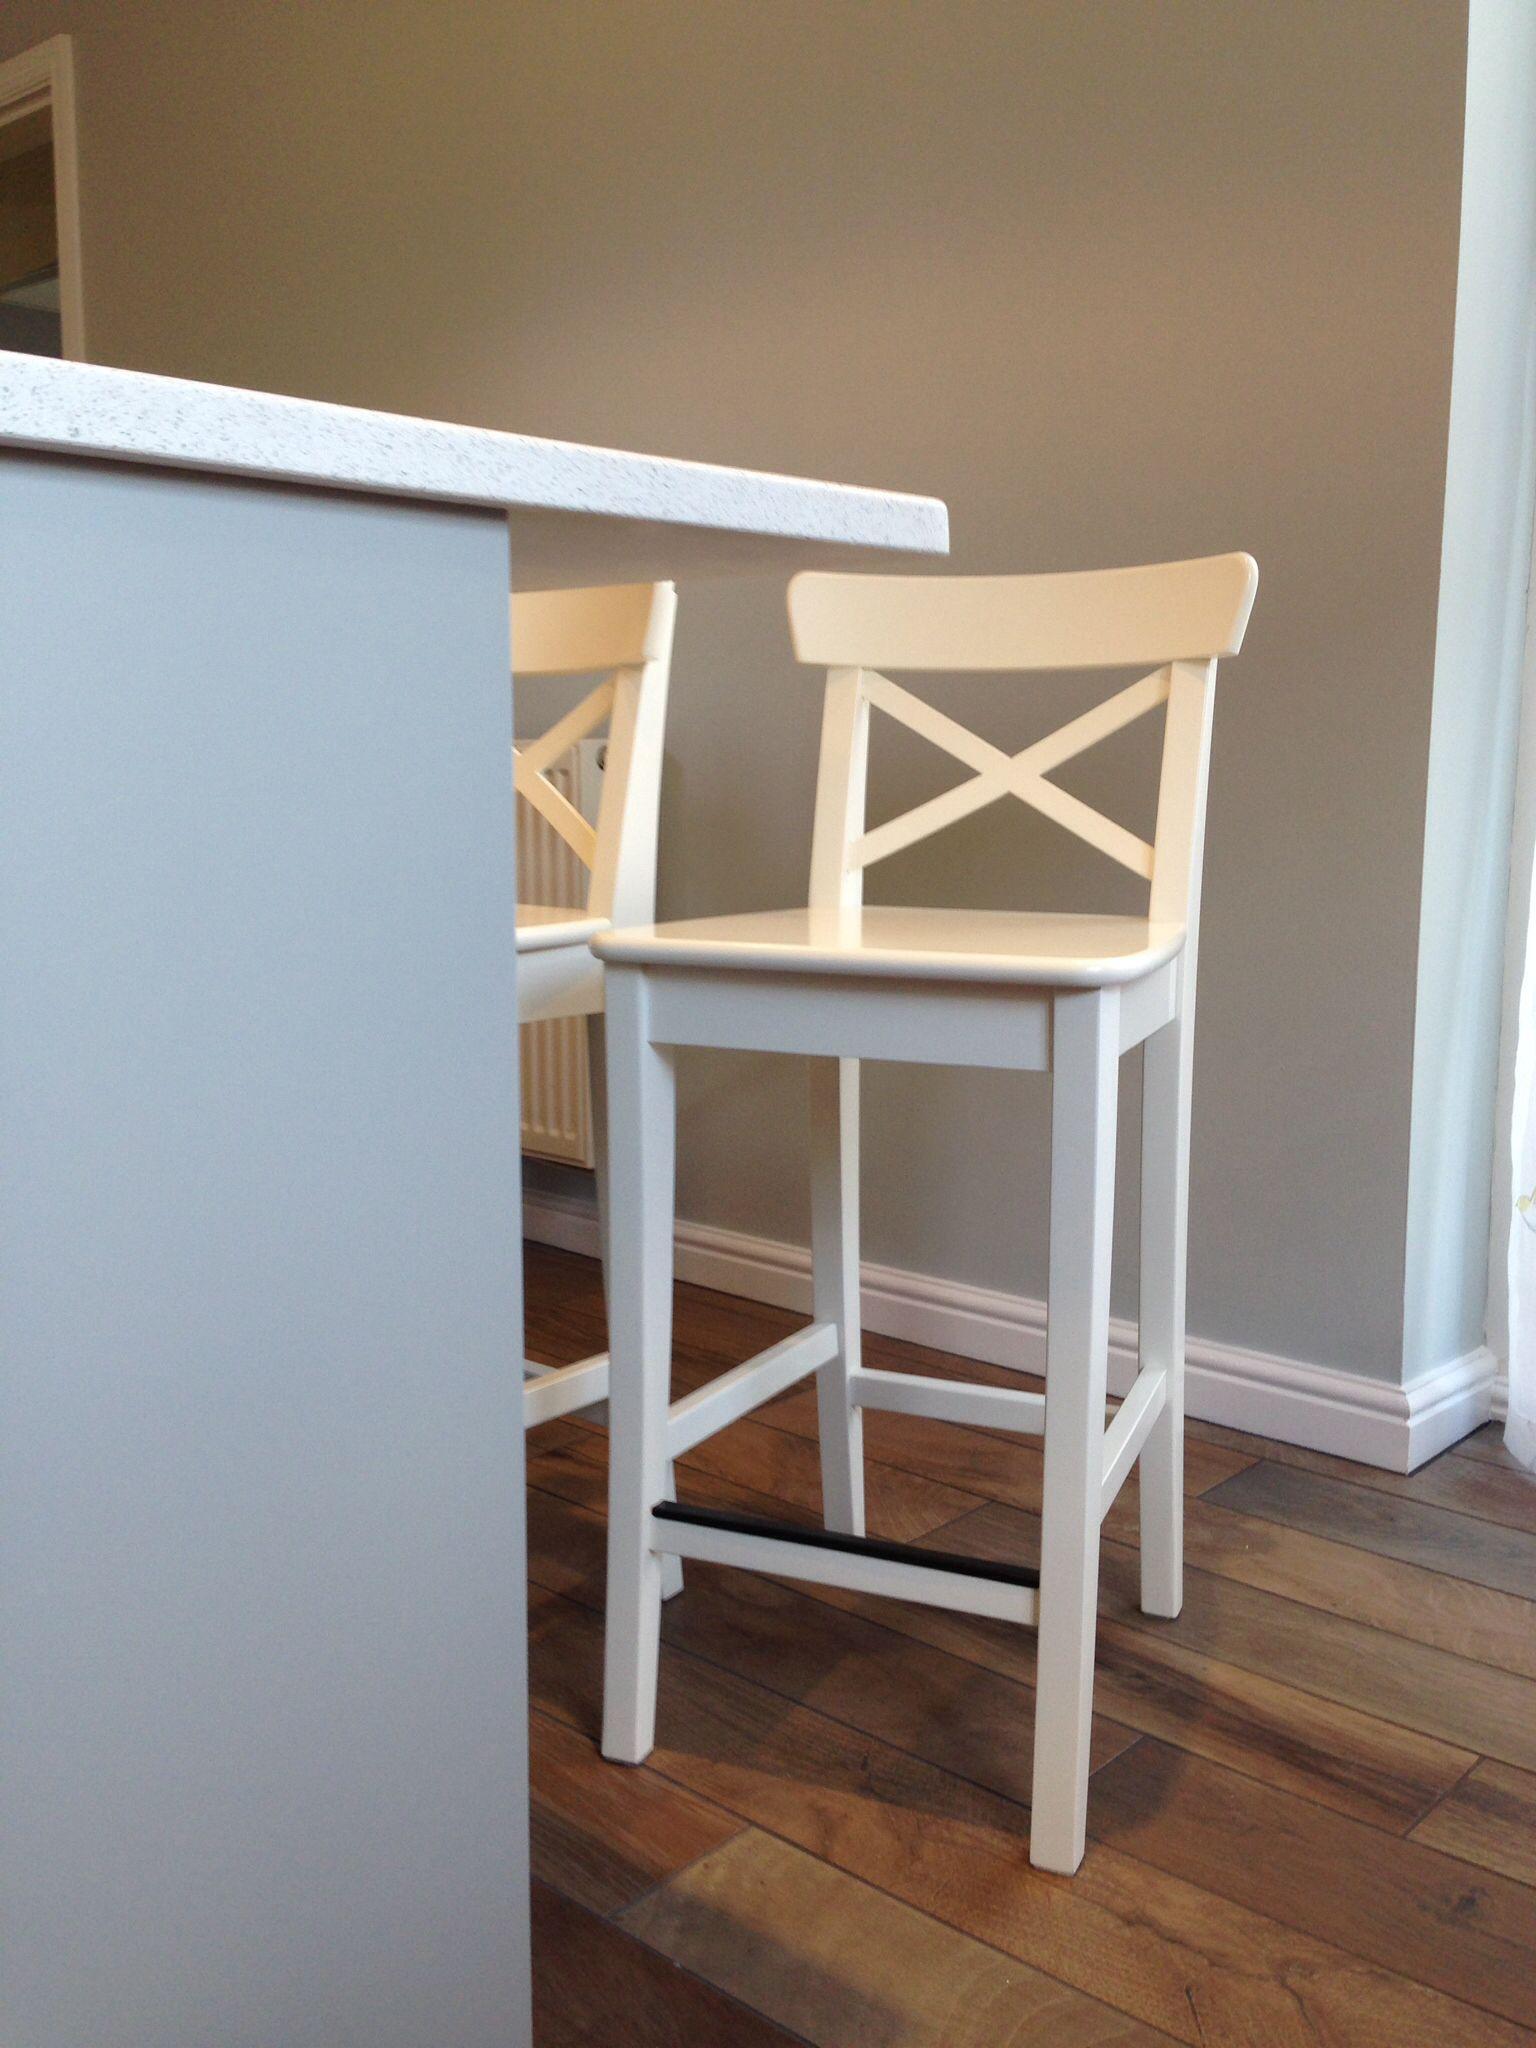 Ikea Bar Stool Ikea Bar Stool Kitchen Floor Farrowandball Gray Grey Wood Effect Floor Ikea Barstools Bar Stools Kitchen Island Ikea Bar